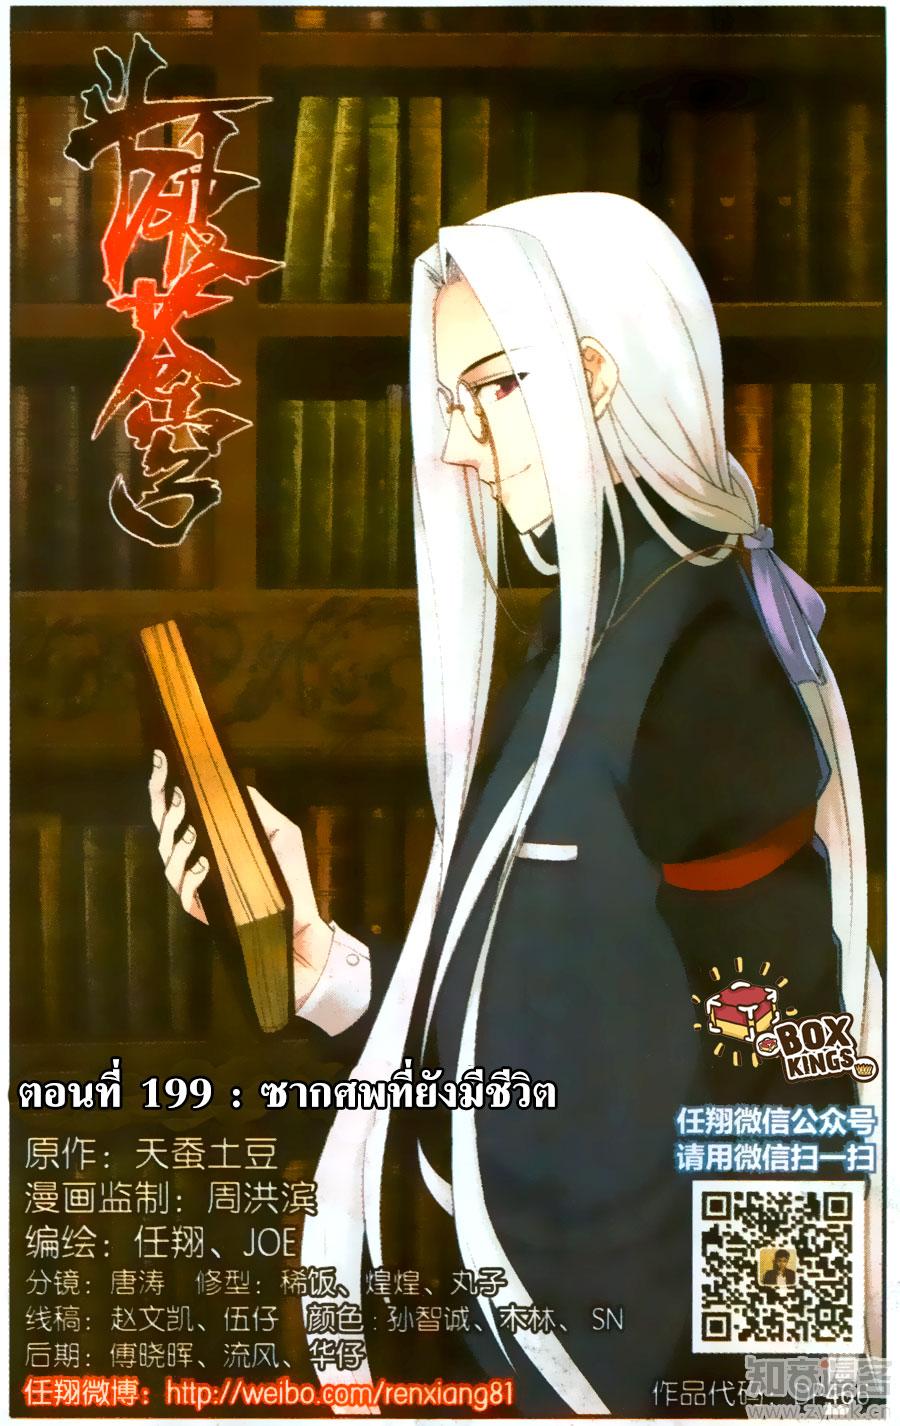 อ่านการ์ตูน Doupo Cangqiong 199 ภาพที่ 1